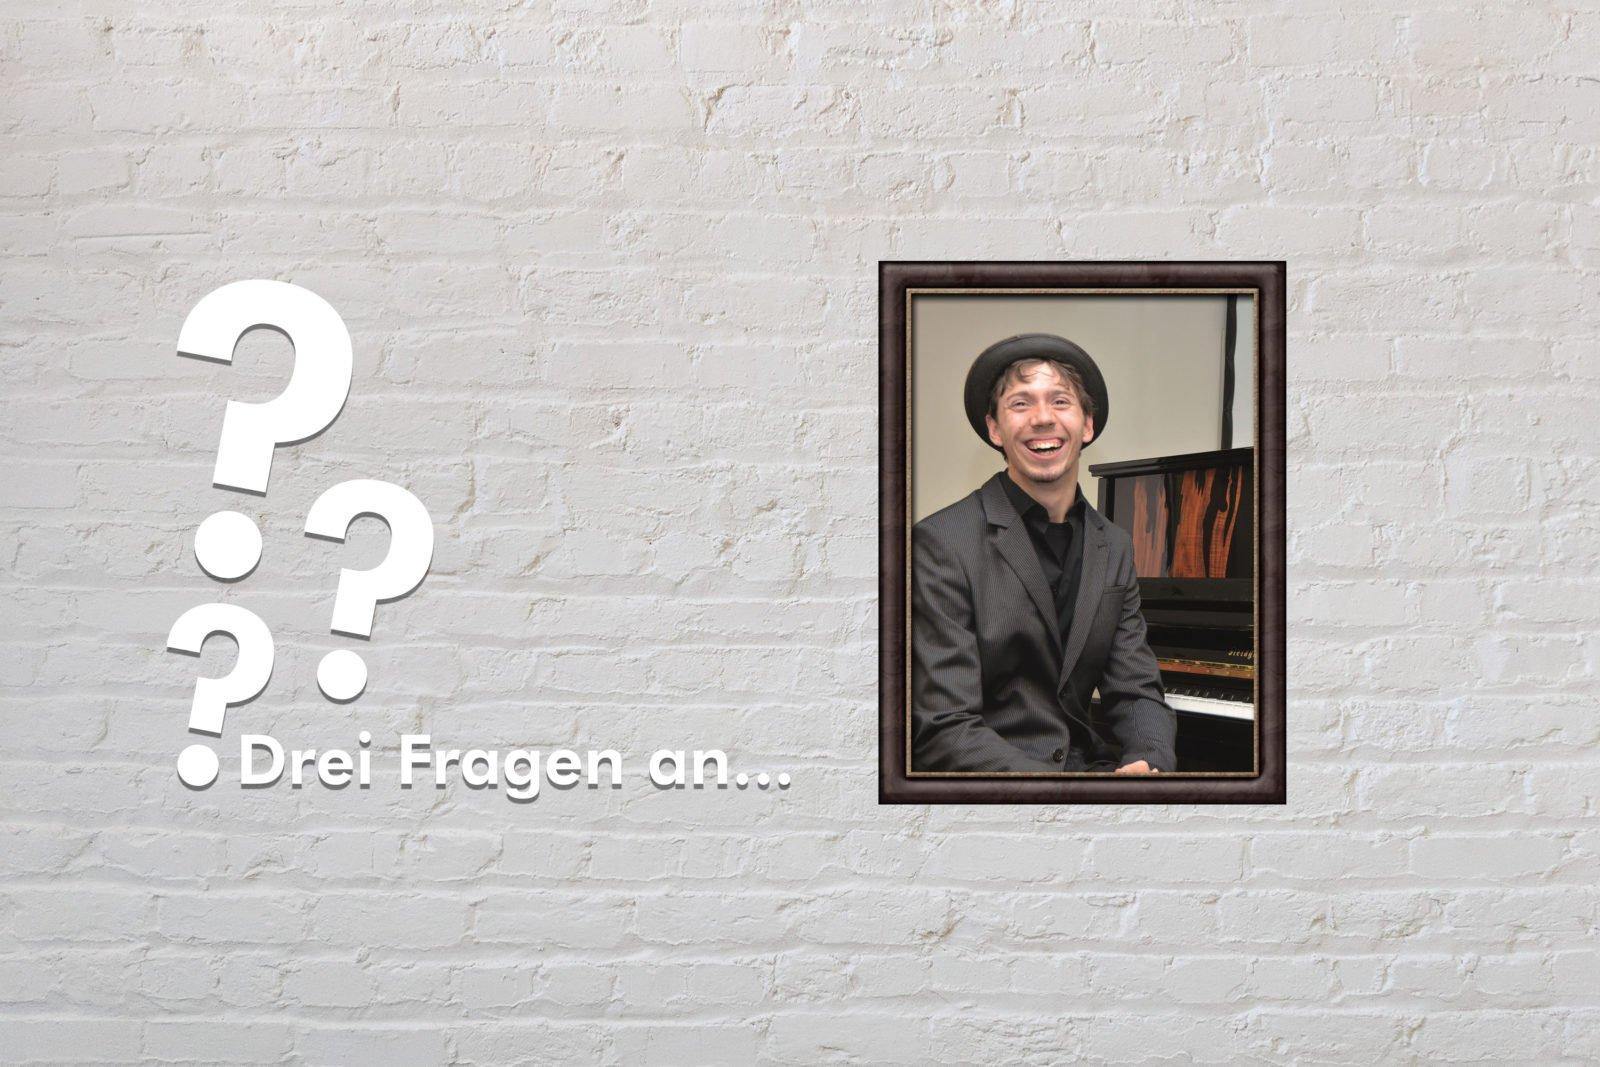 Fotomontage: Eine weiße Steinwand - darauf ein Rahmen, in den ein Bild von Lucca Keller montiert ist, daneben der Schriftzug Drei Fragen an... und drei Fragezeichen.